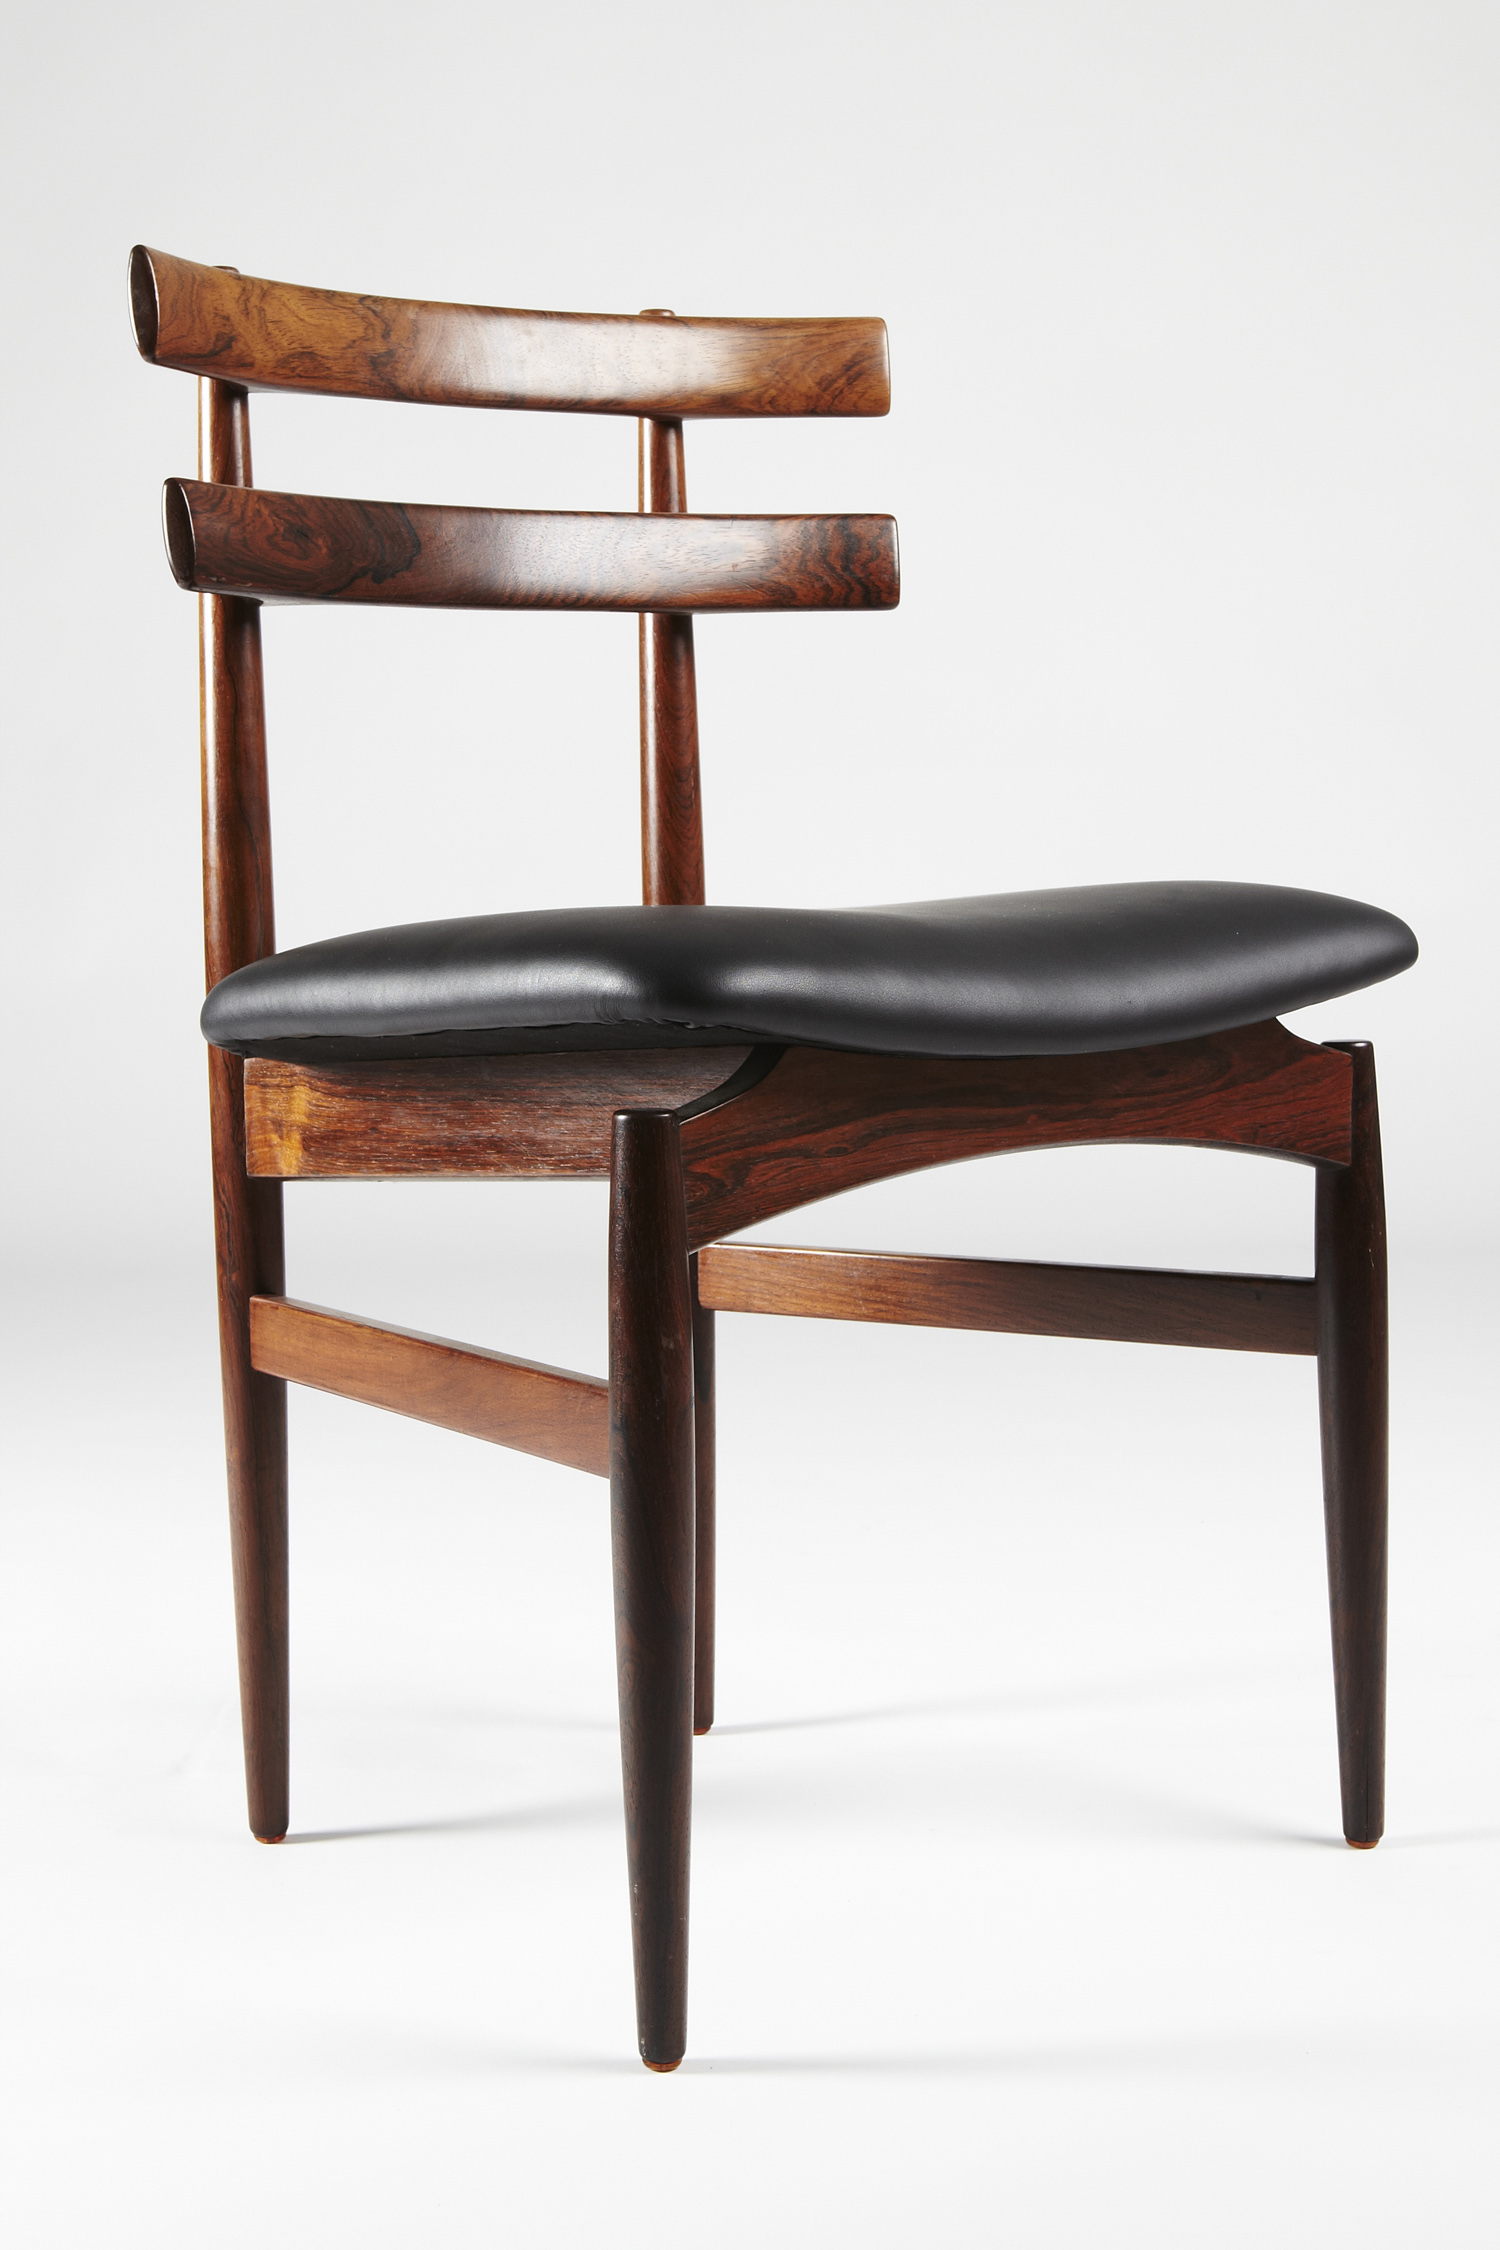 Kristiansen 1963 dining chair2_resize.jpg